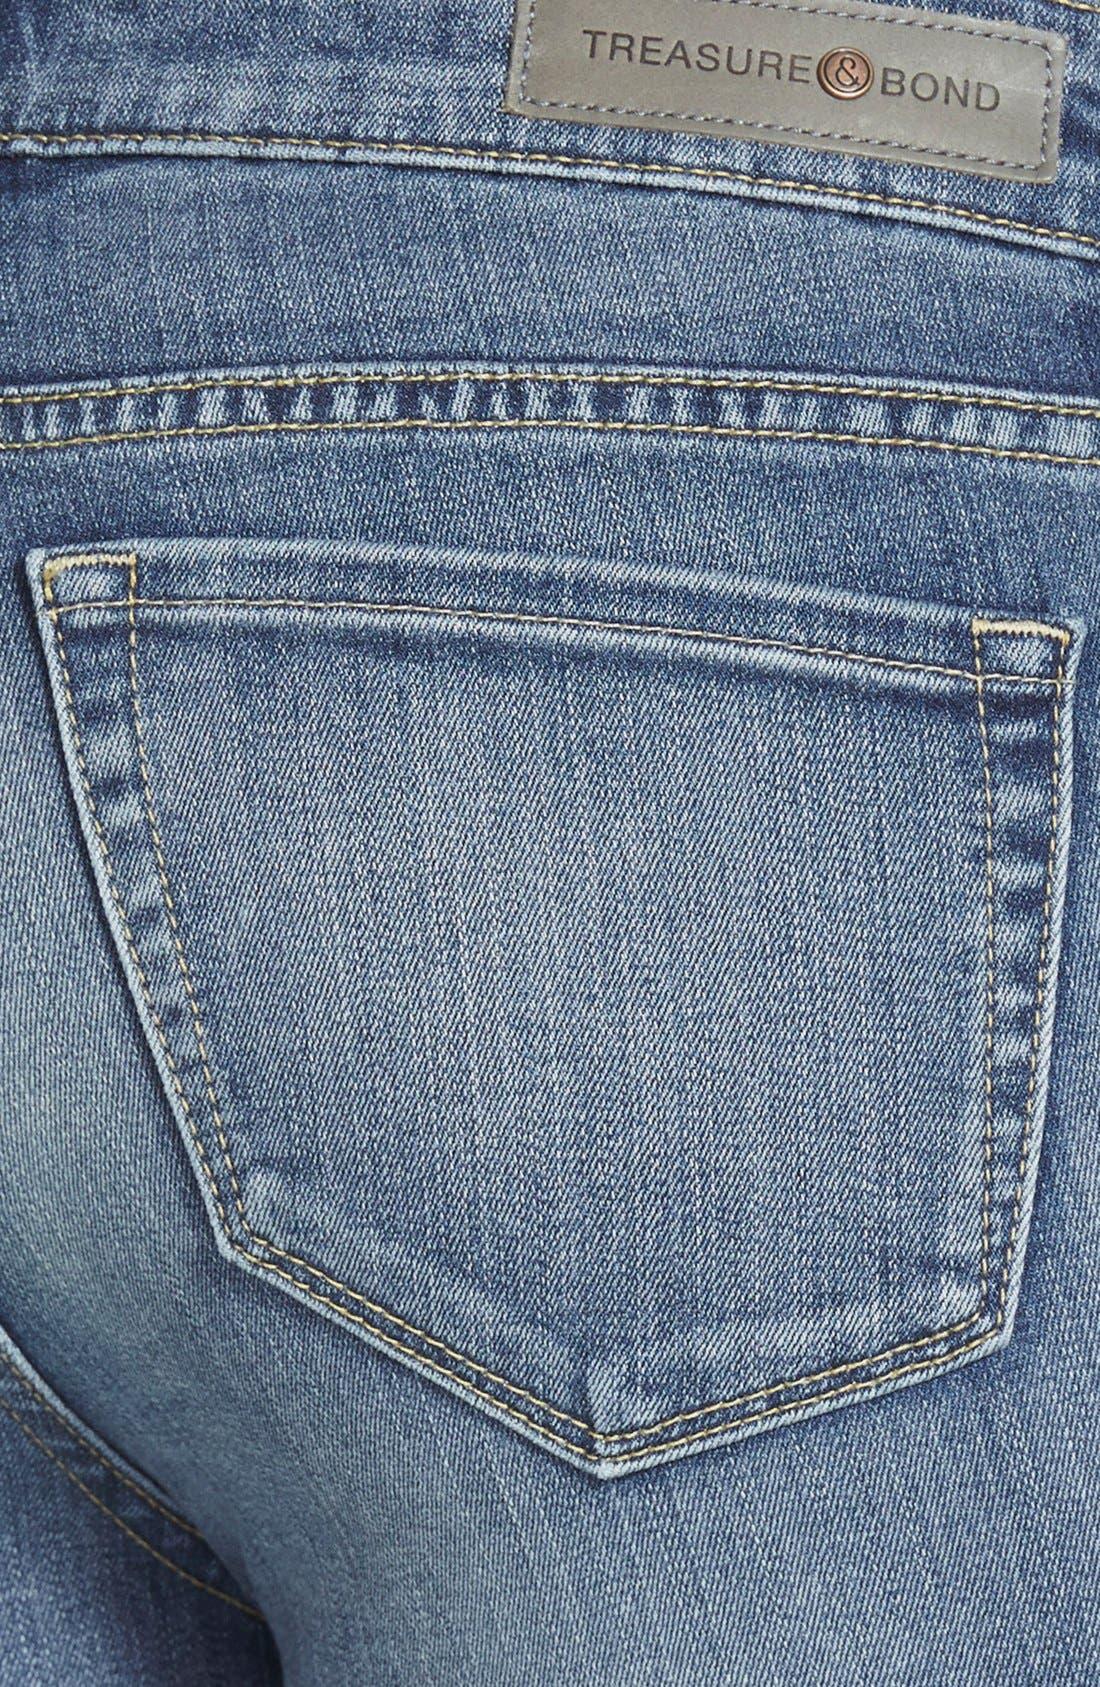 Alternate Image 3  - Treasure&Bond Skinny Flare Jeans (Mode Medium Vintage)